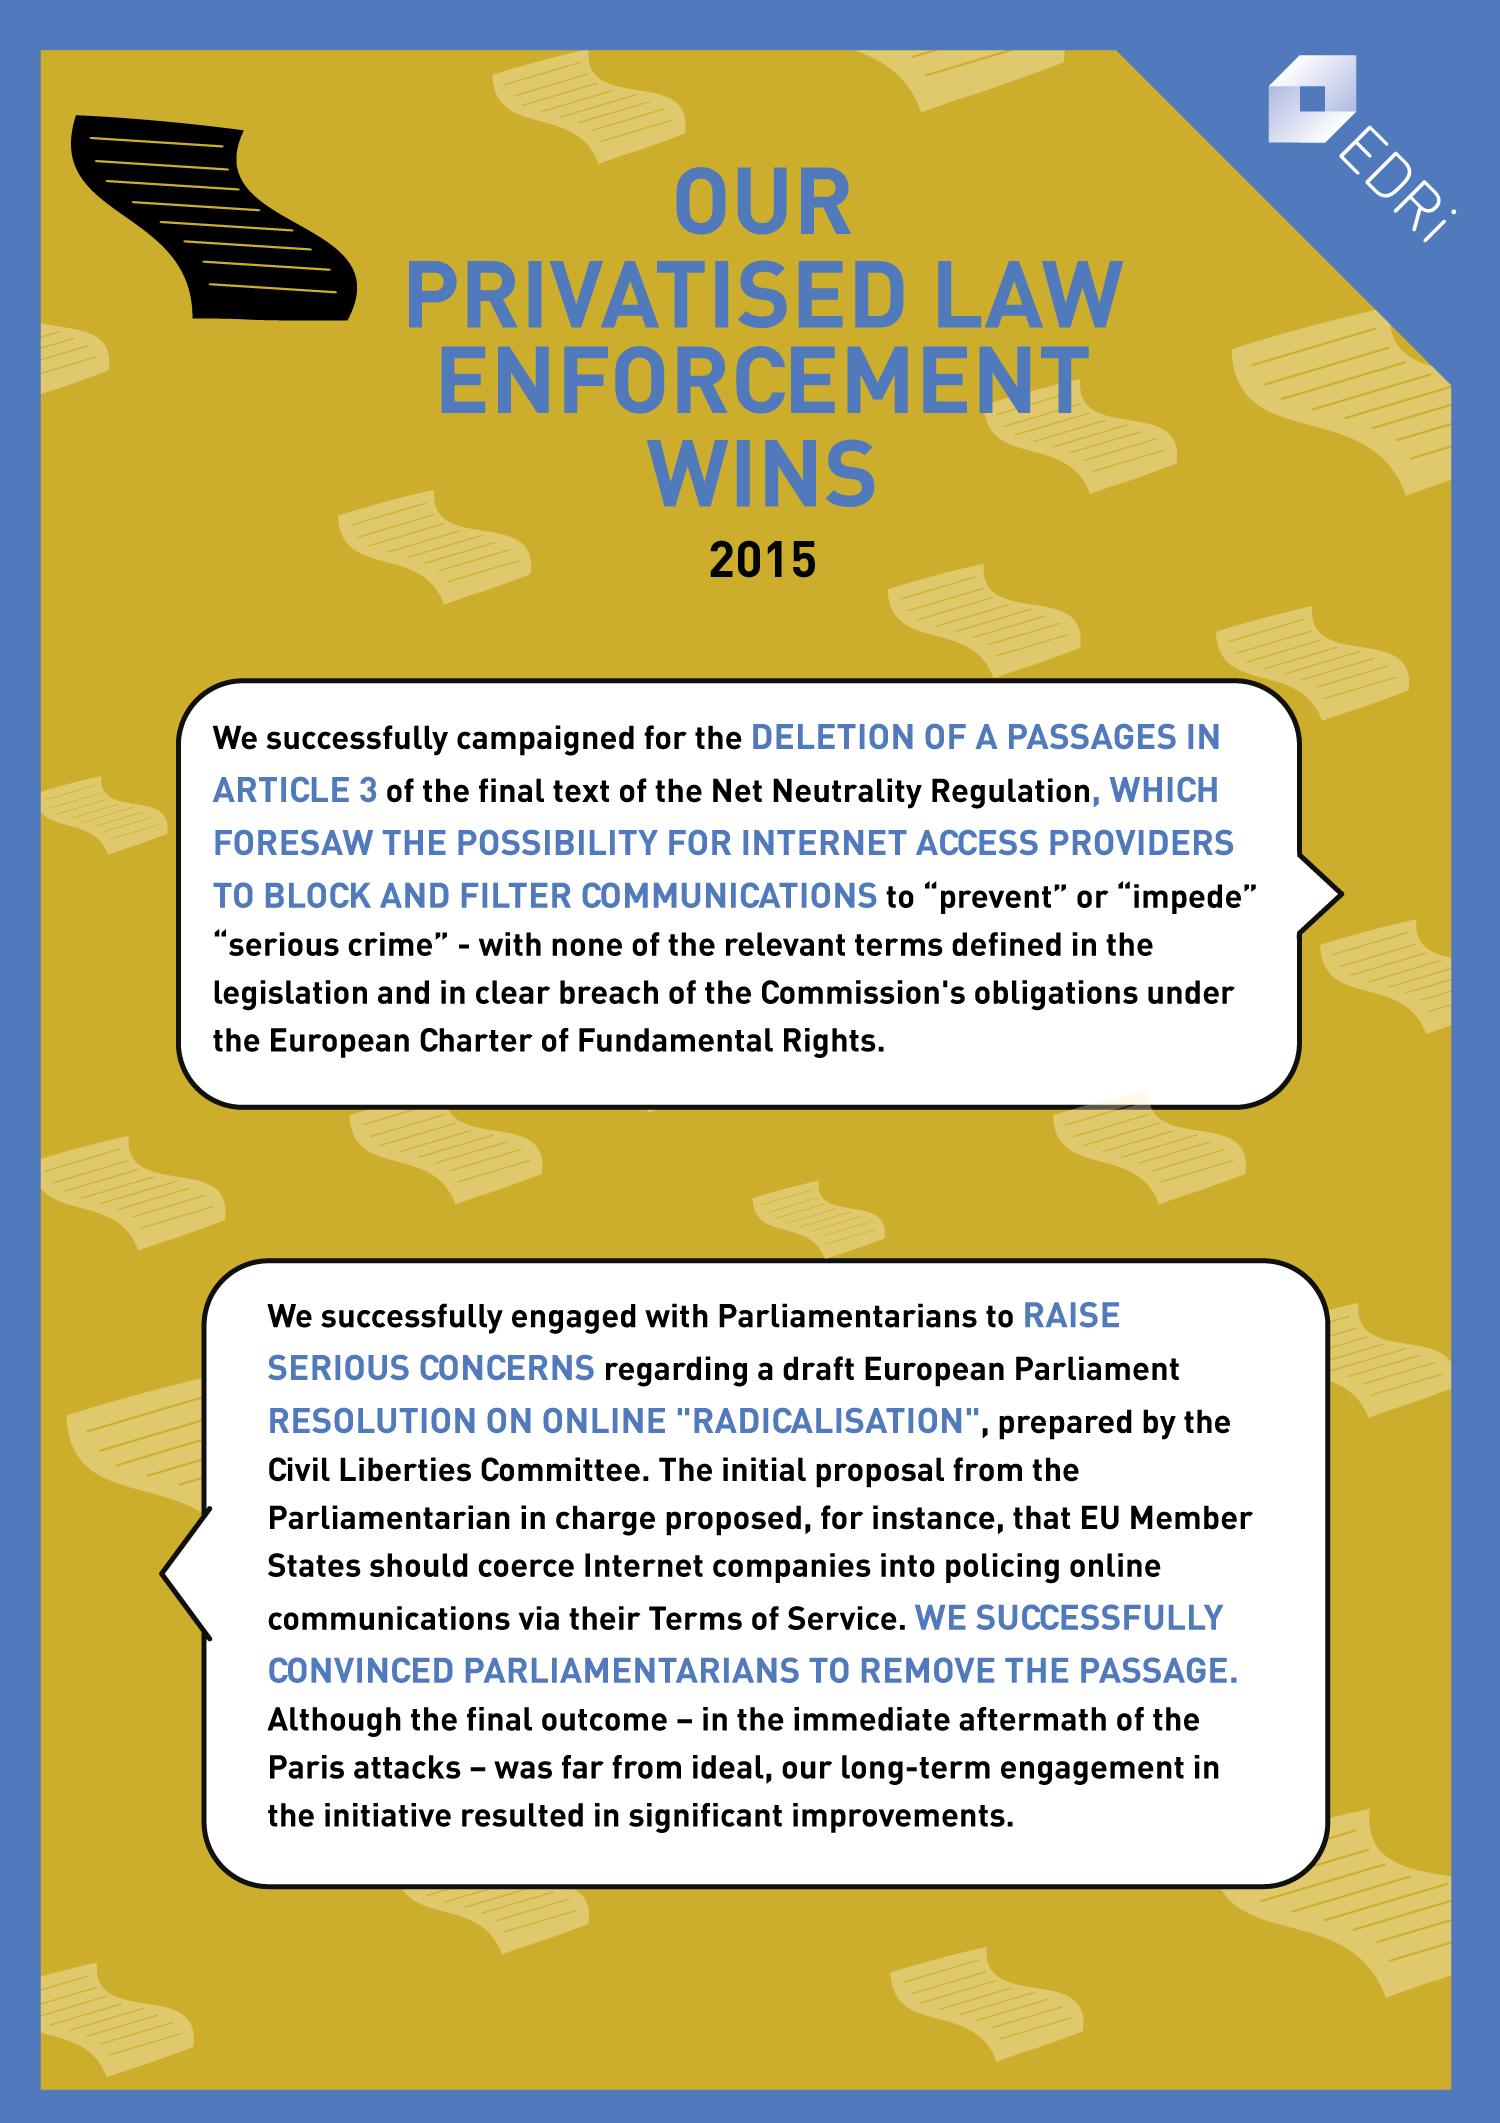 EDRi_Wins_Annual_Report_PLE2